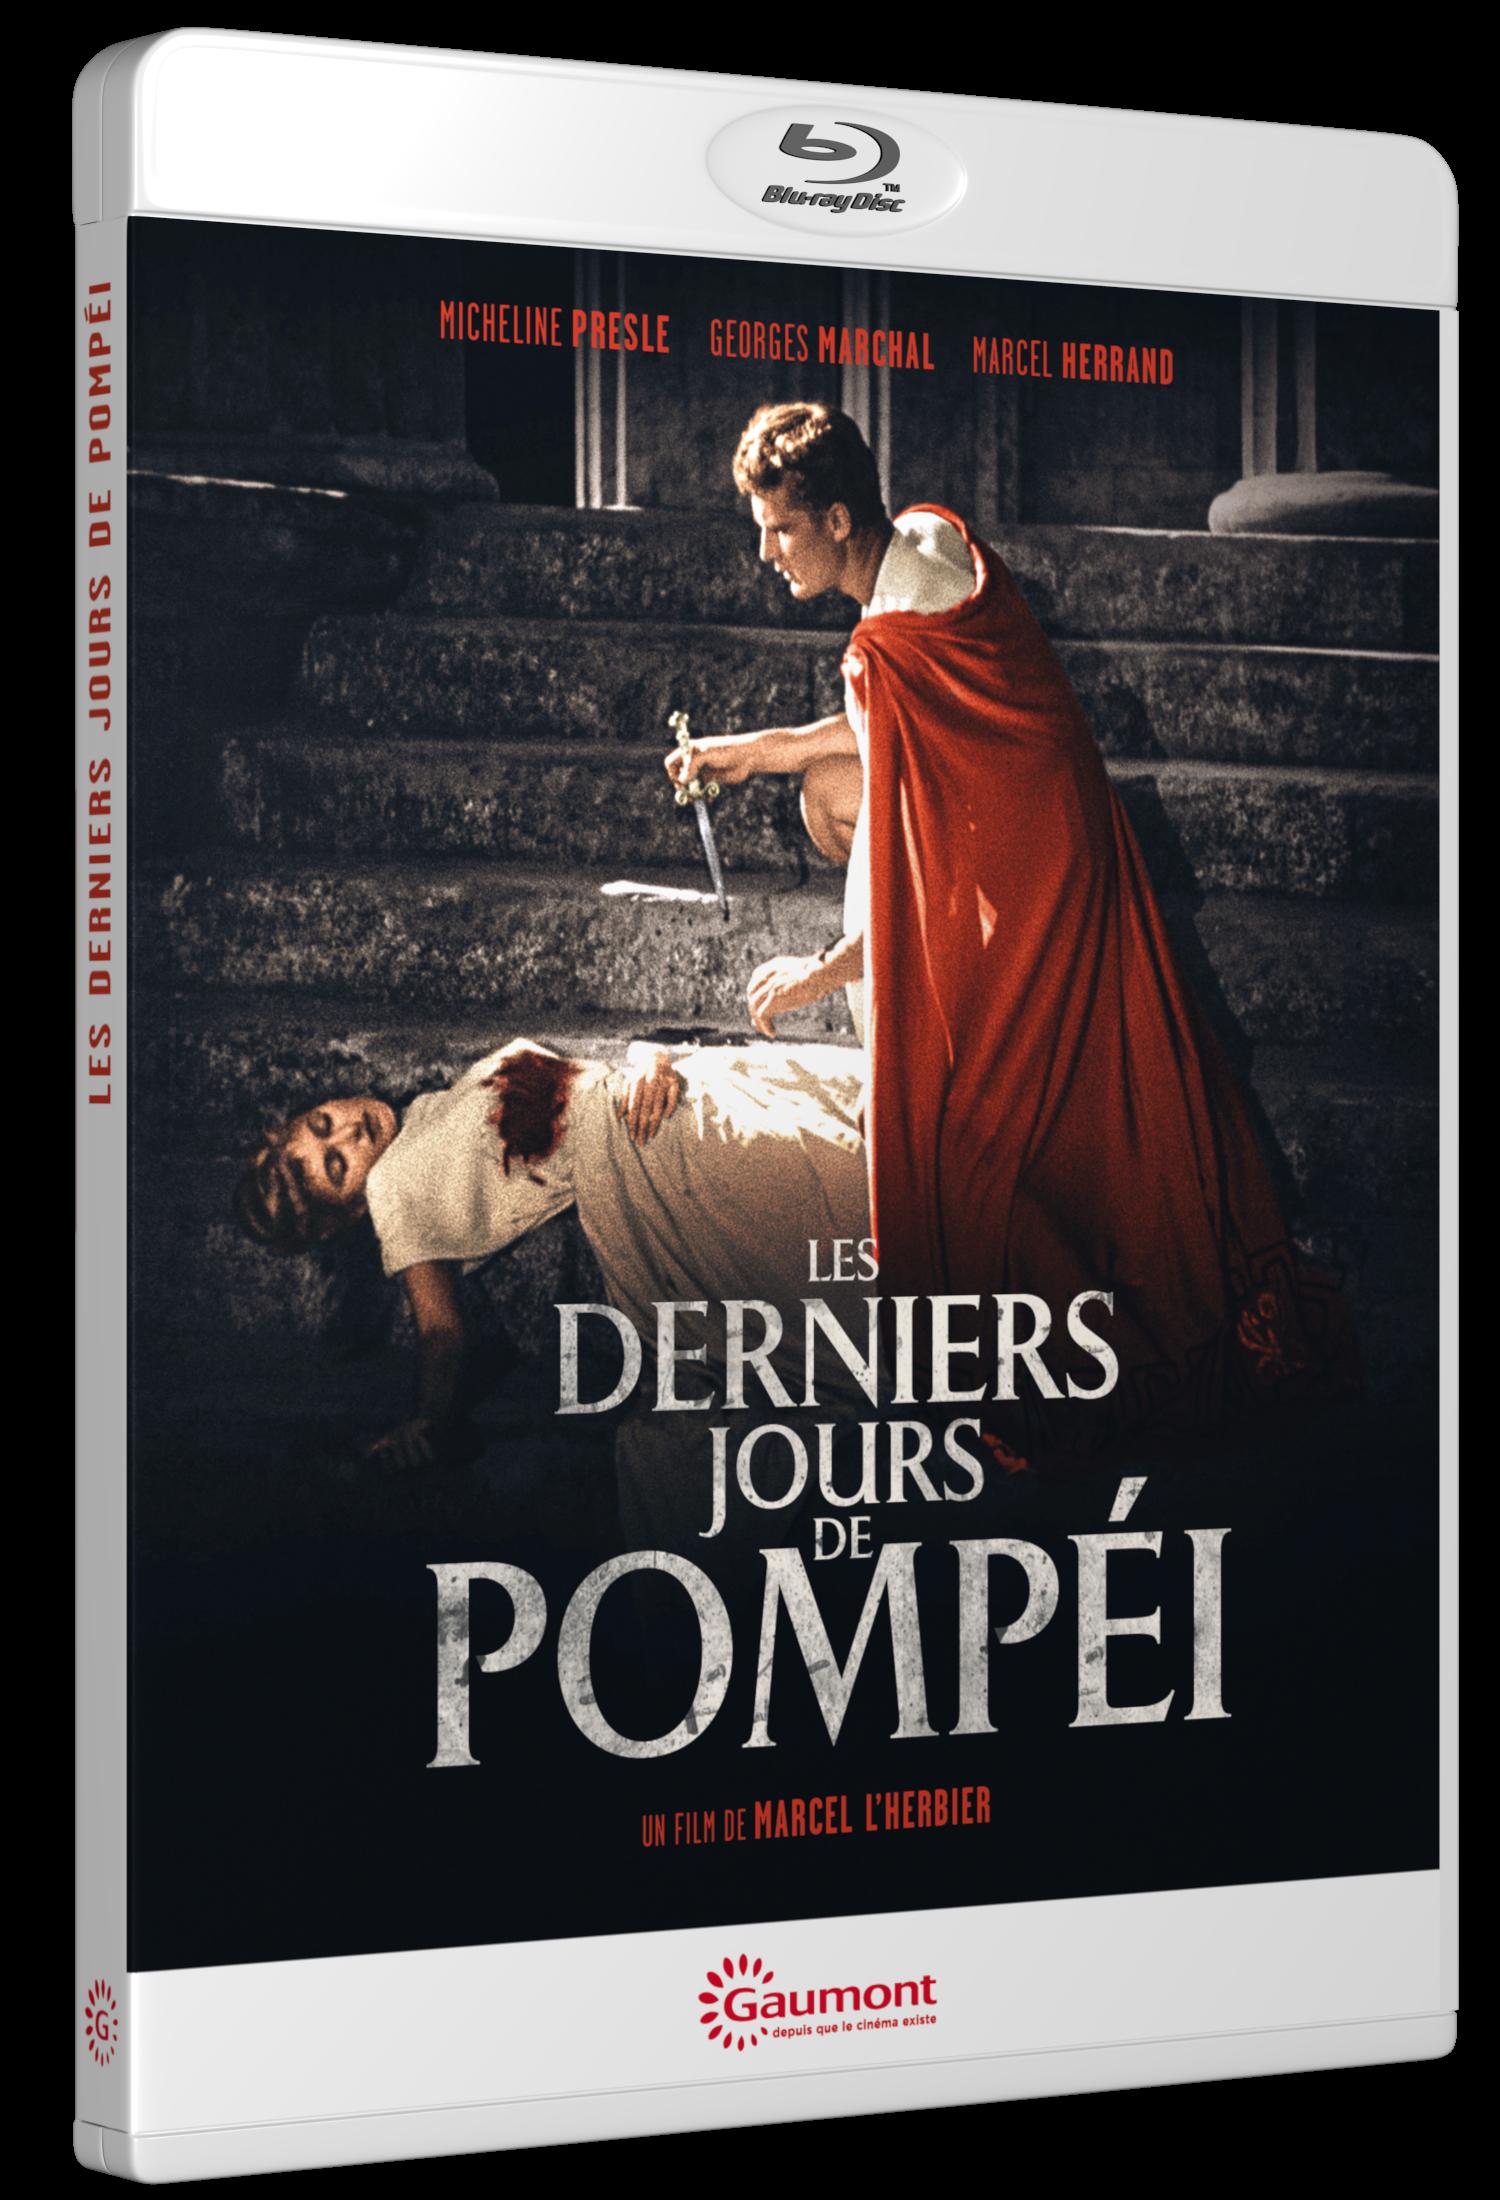 LES DERNIERS JOURS DE POMPEI - GDBD